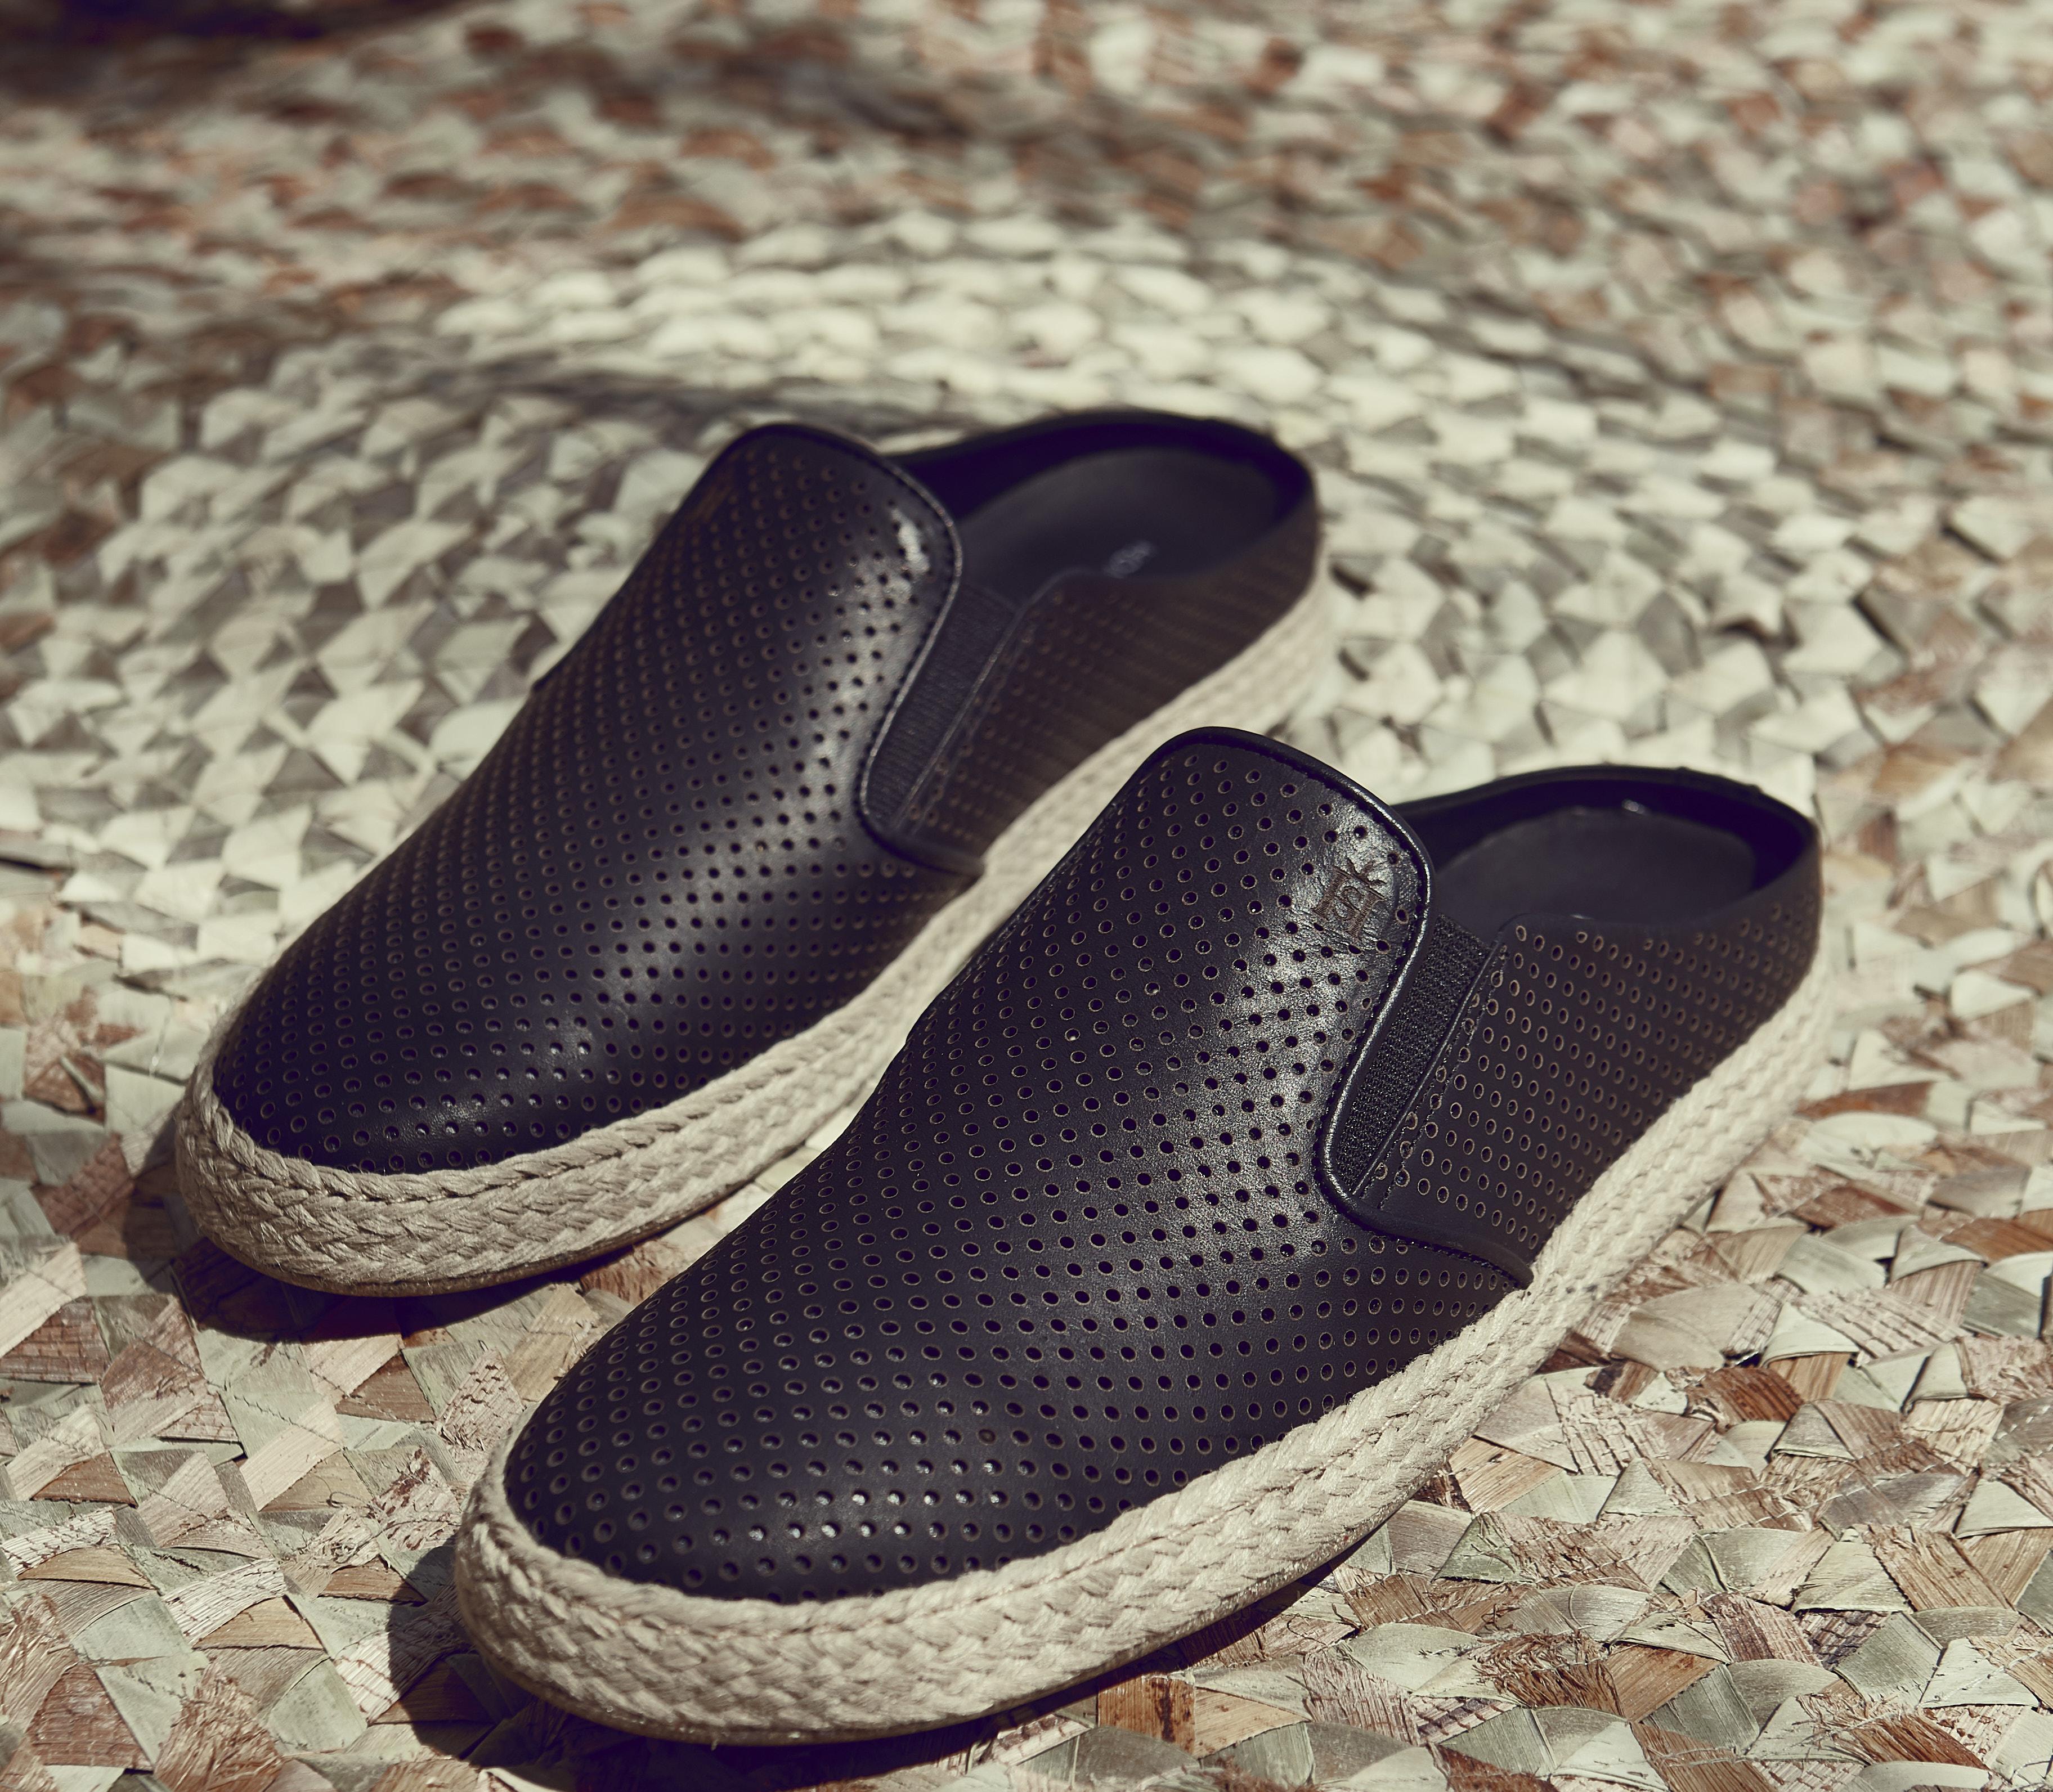 Confira cinco modelos de calçados ideais para as festas de fim de ano